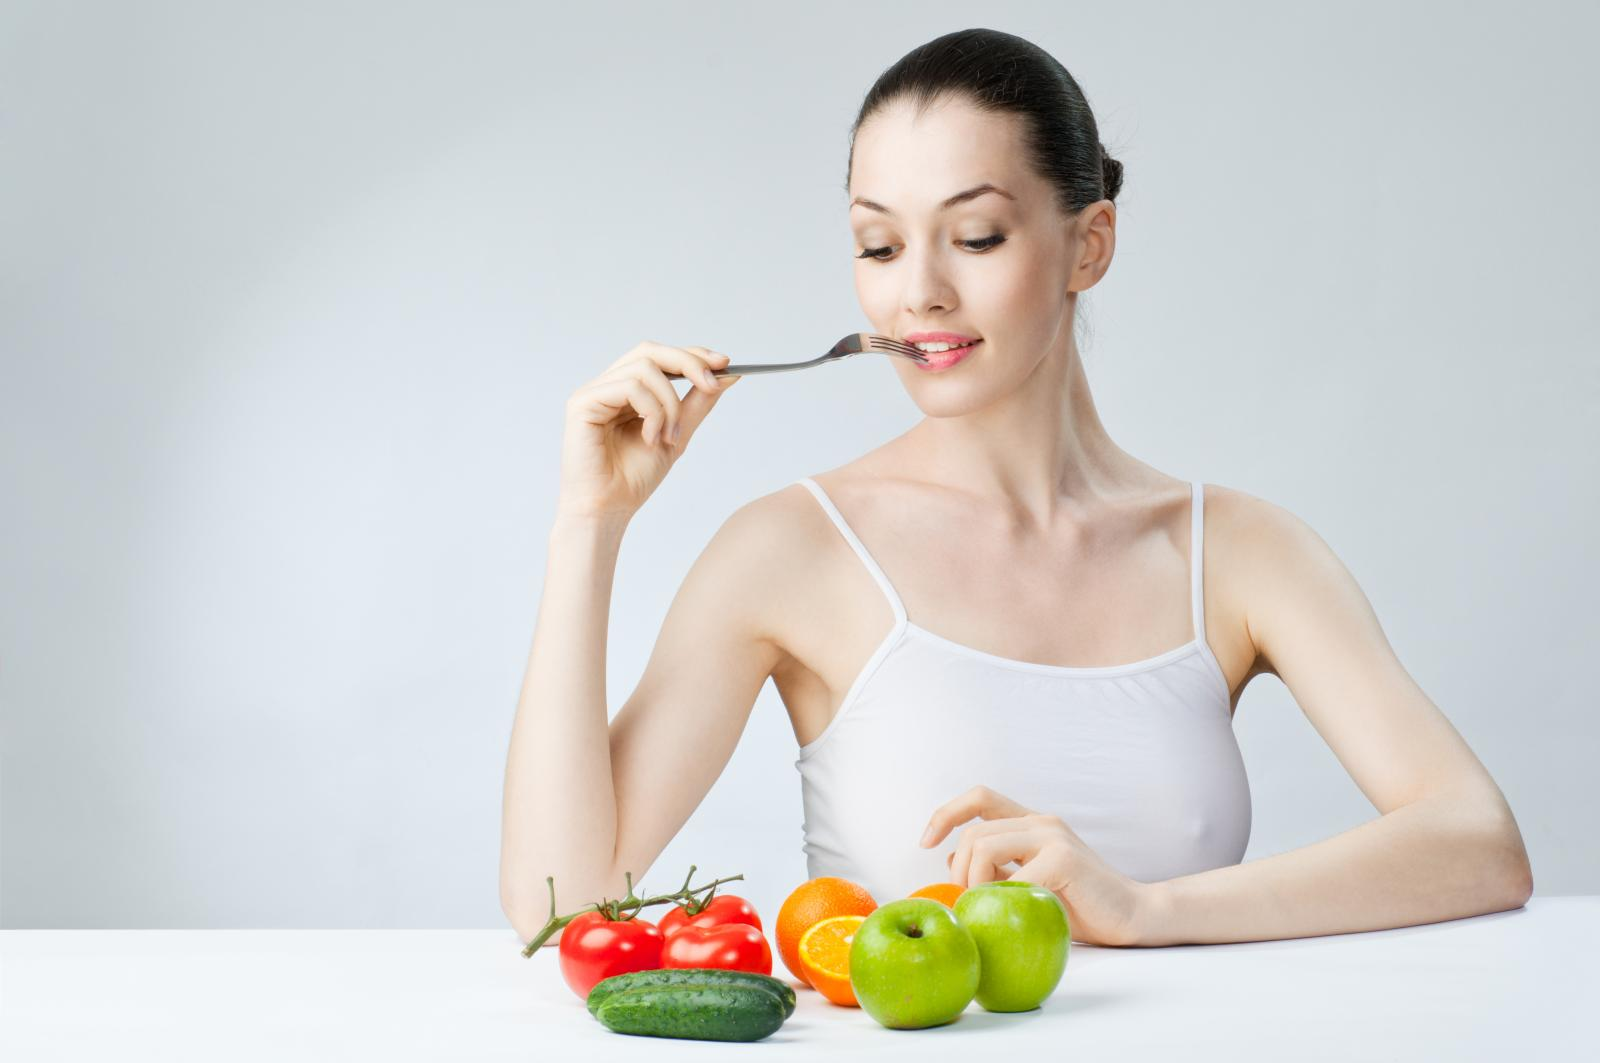 Соблюдать диету это